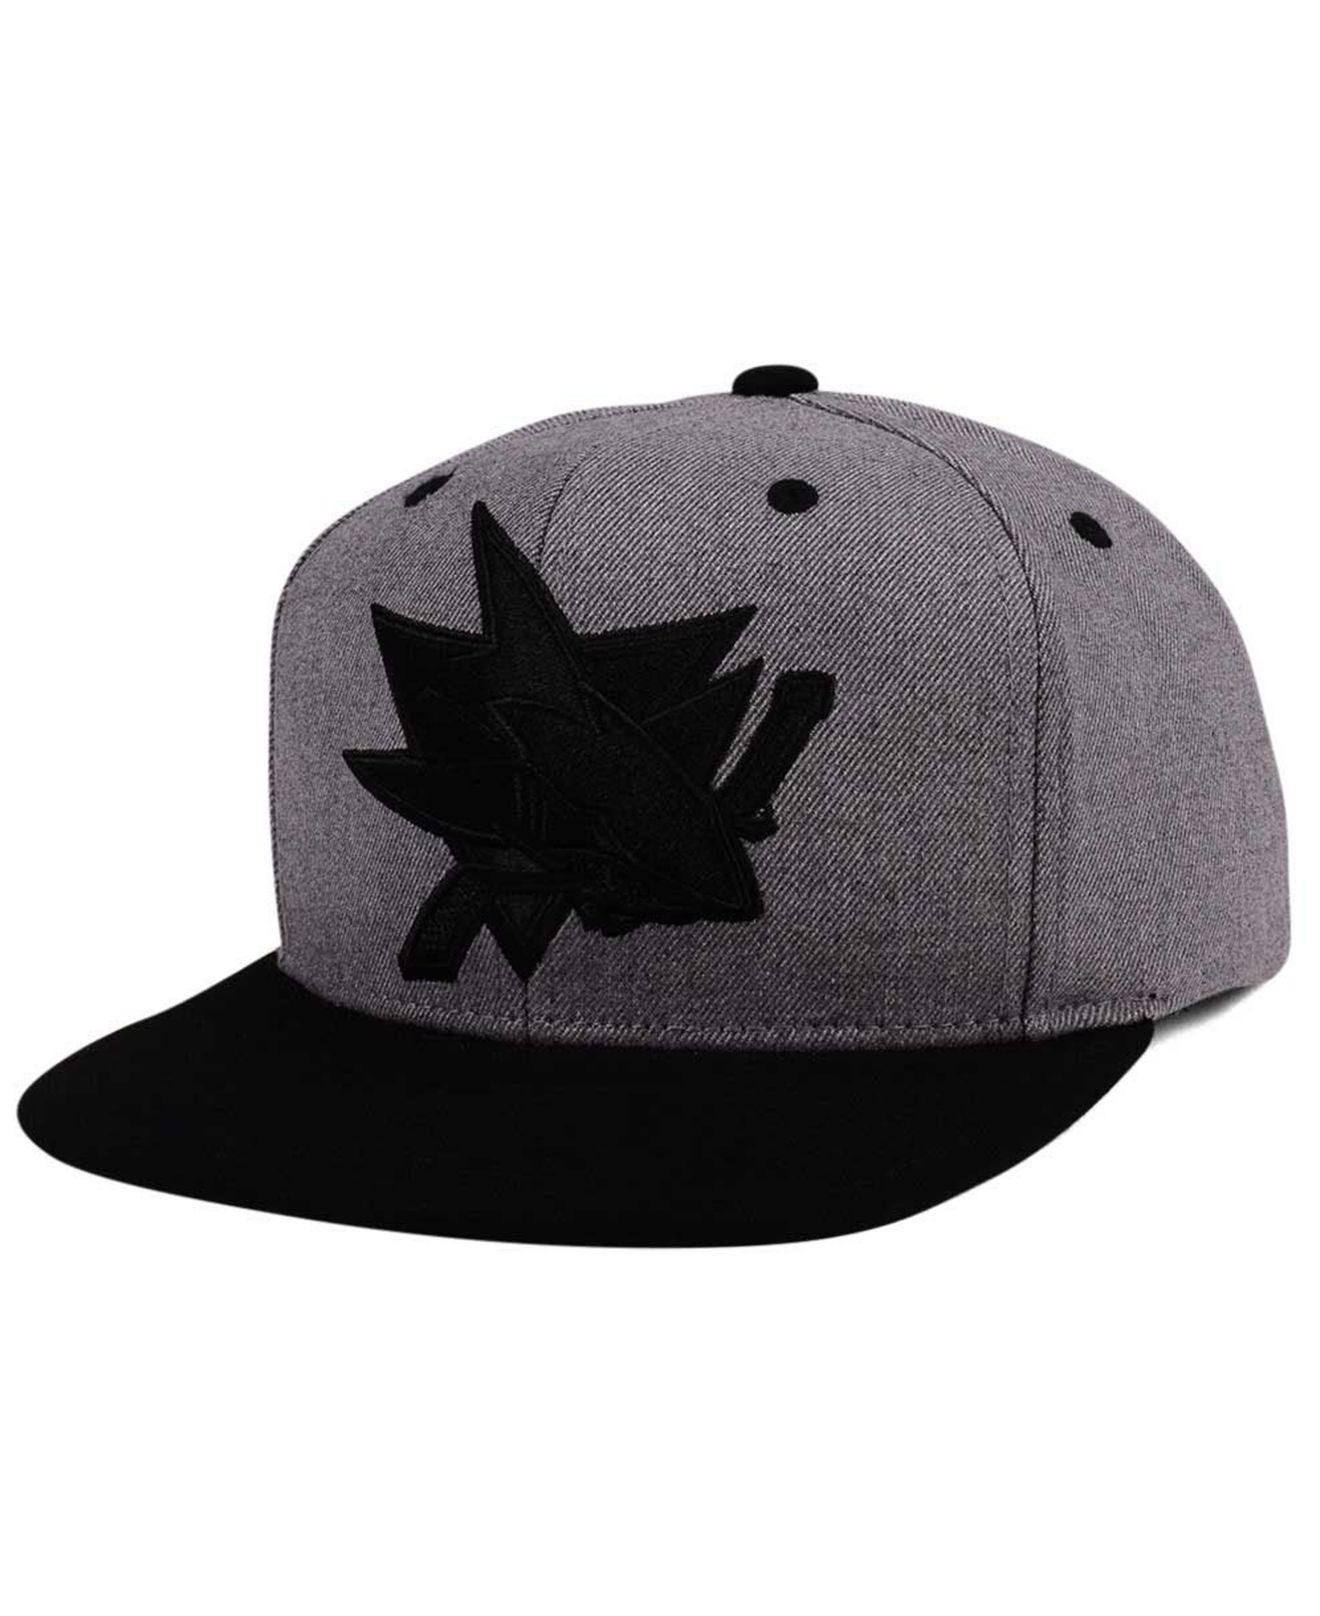 hot sales 1de62 11e0d ... italy lyst adidas san jose sharks 2 tone tonal snapback cap in black  for men 0a9b8